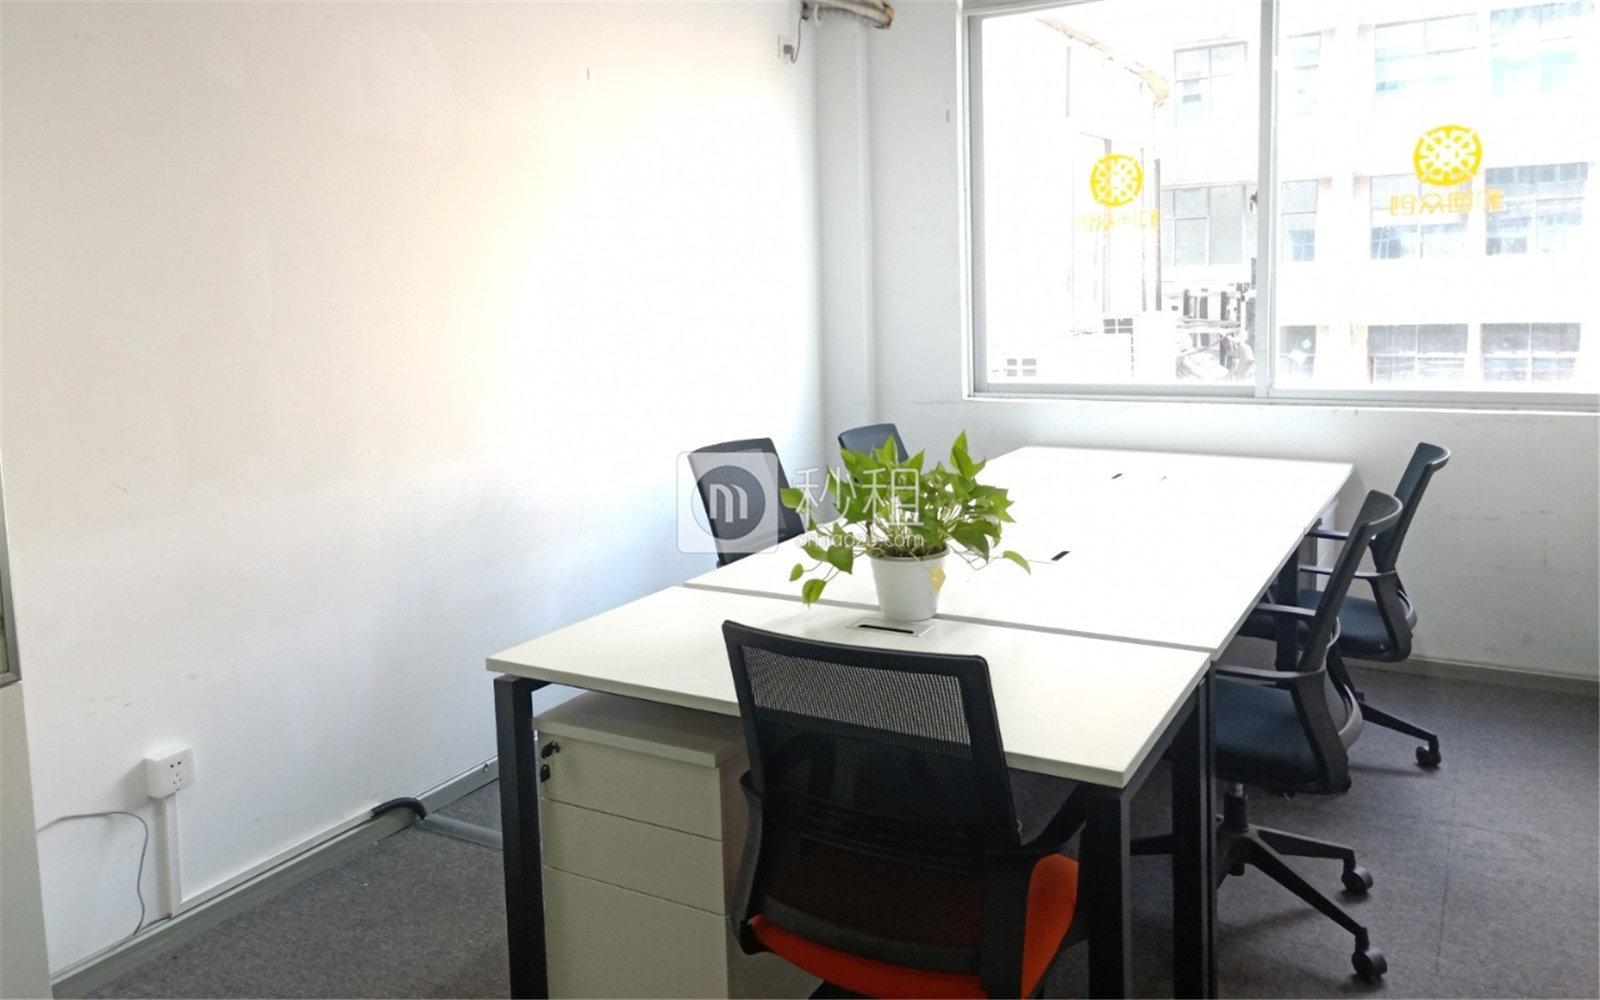 豹团众创联合办公空间-八卦岭工业区